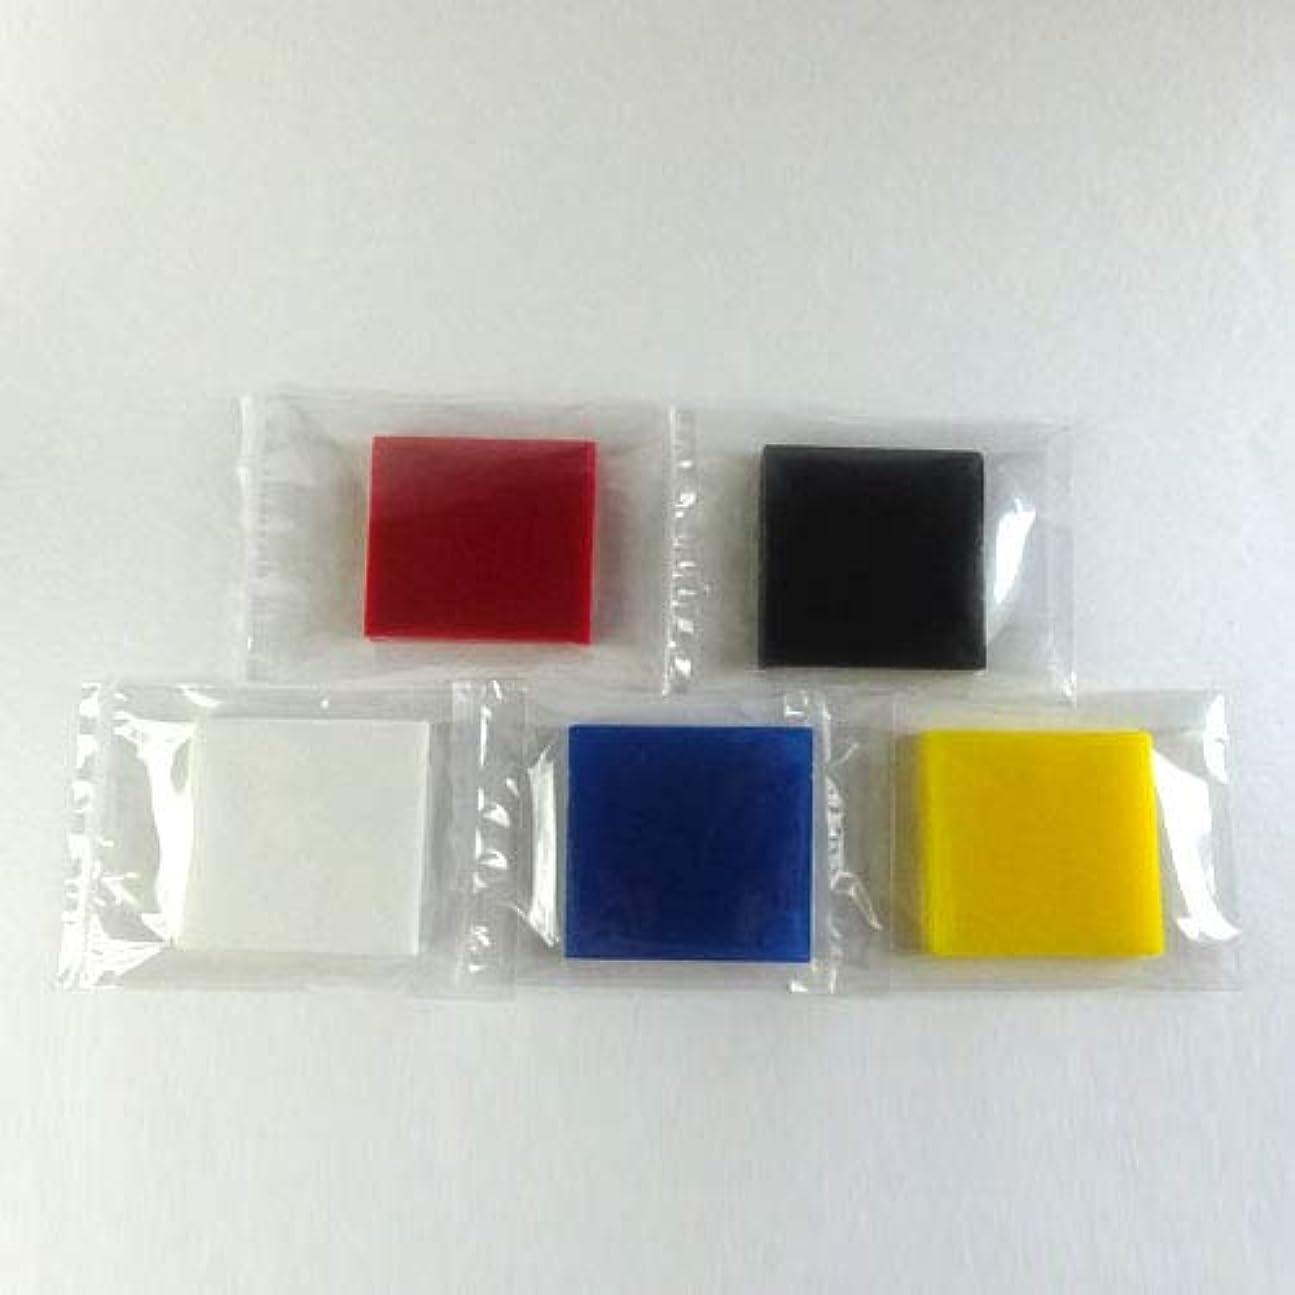 スコットランド人ハードウェア保存するグリセリンソープ MPソープ 色チップ 5色(赤?青?黄?白?黒) 各60g(30g x 2pc)